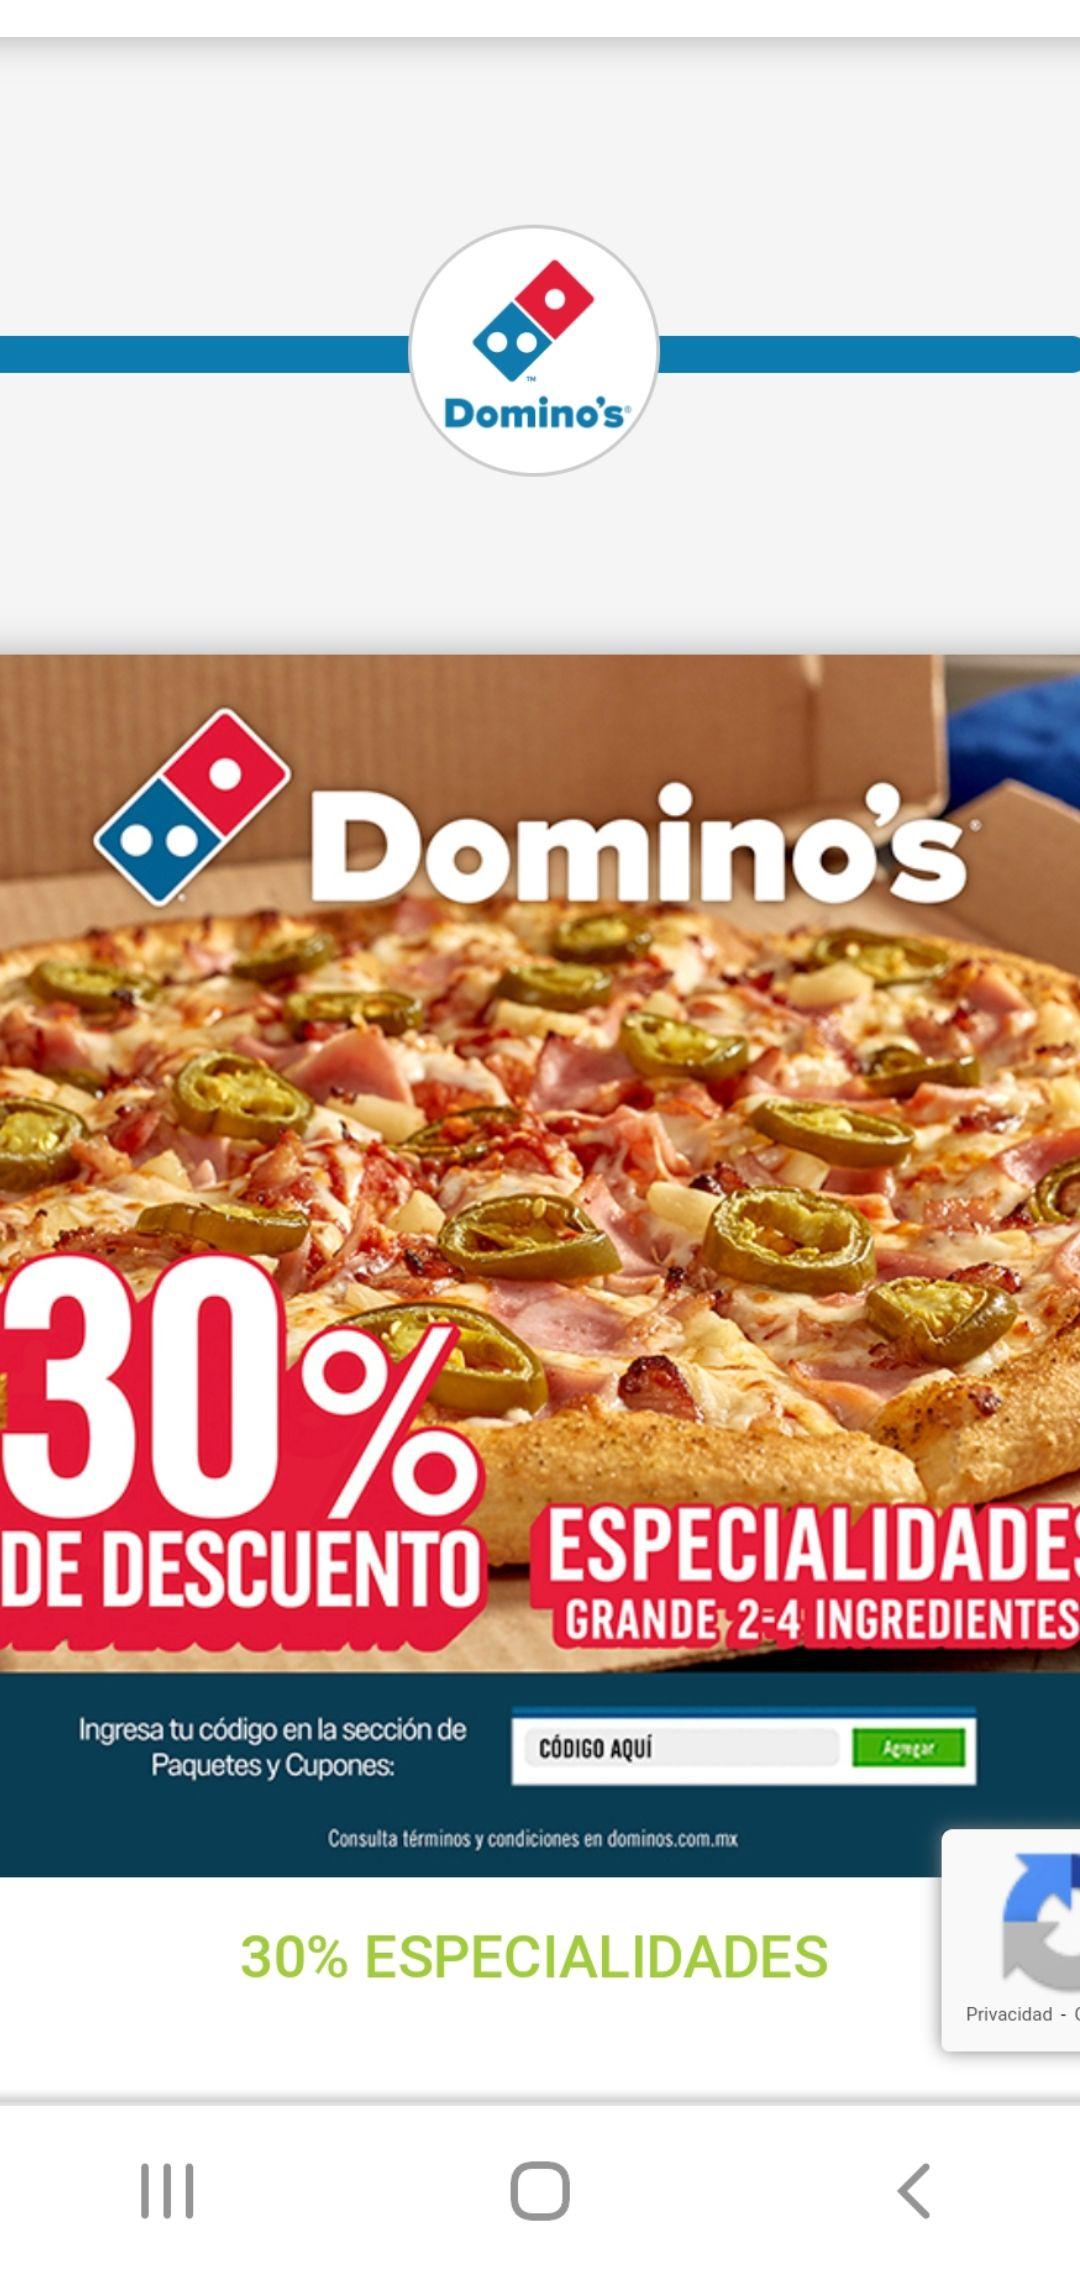 Domino's pizza 30% de descuento pizza grande 2-4 ingredientes especialidades